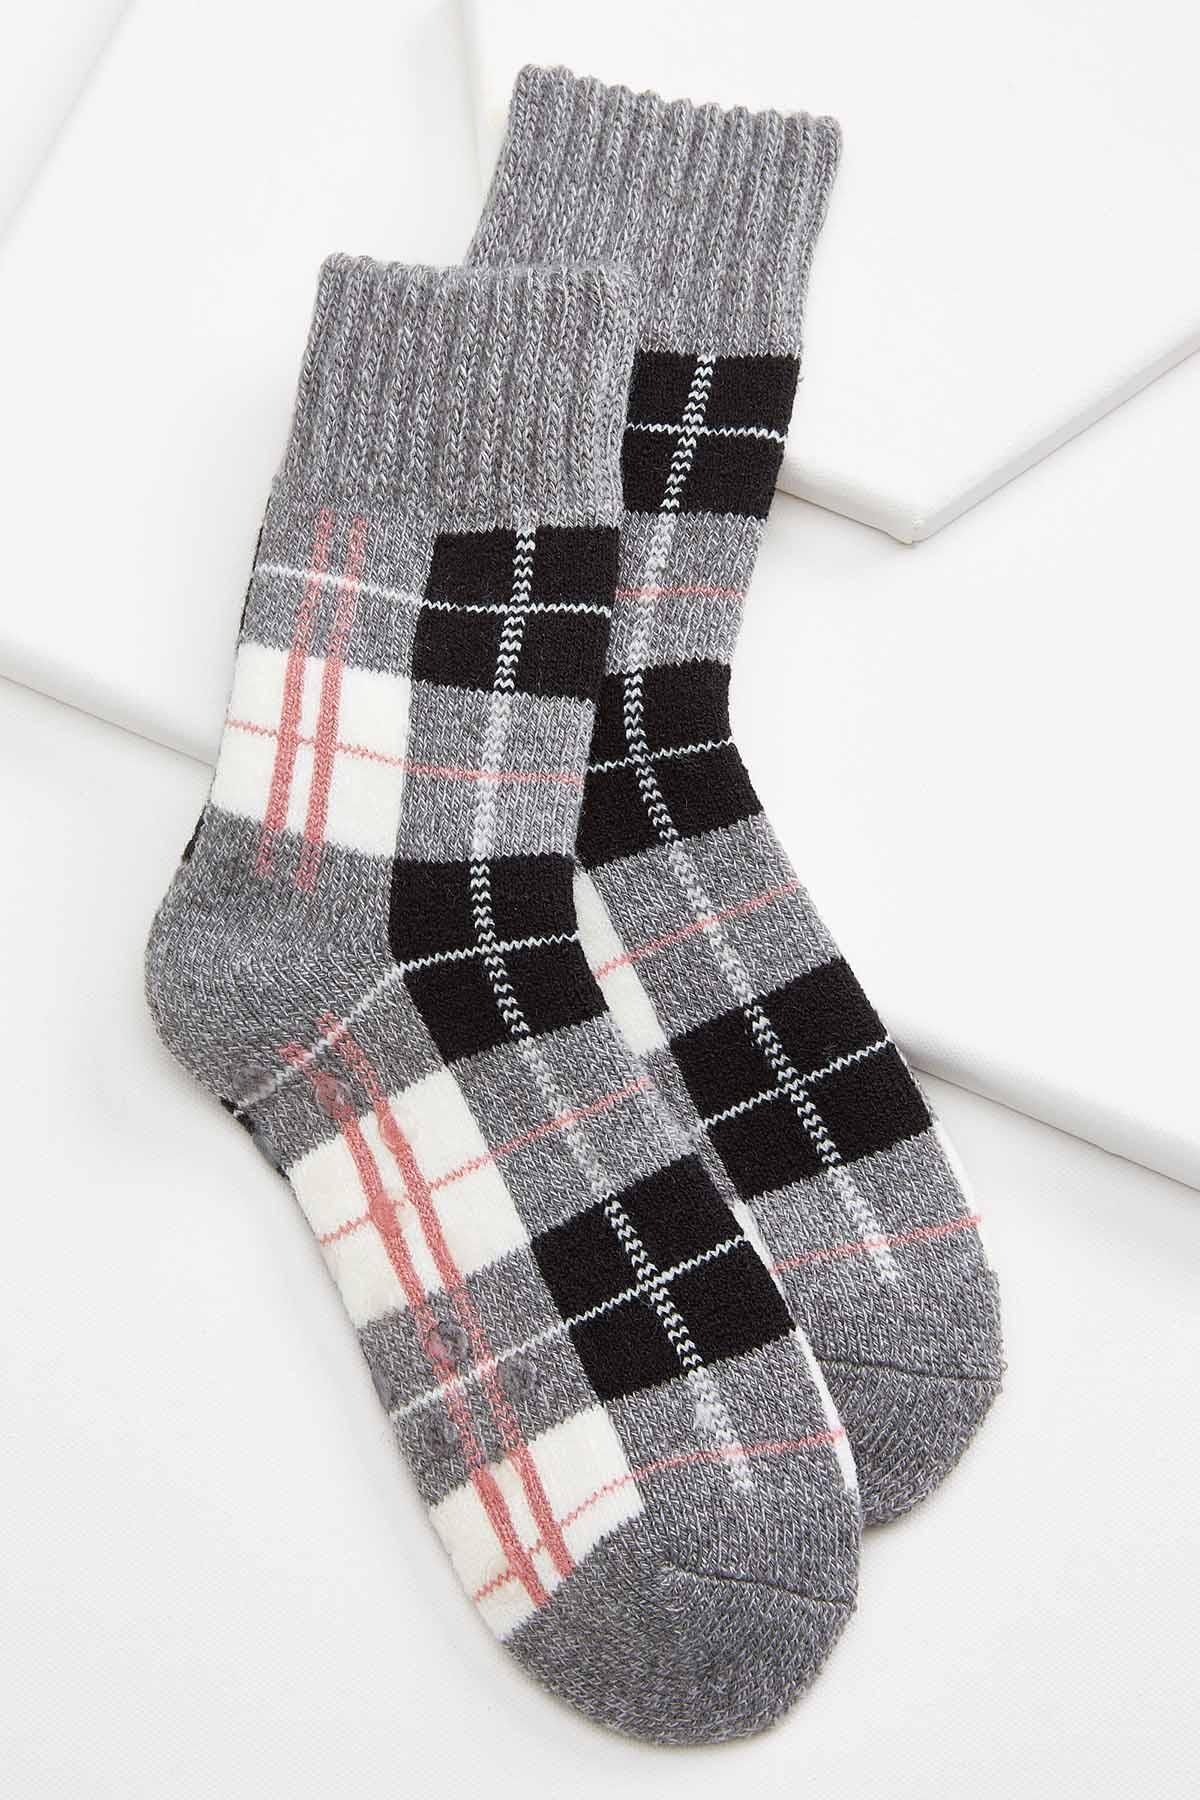 Fluff Stuff Socks